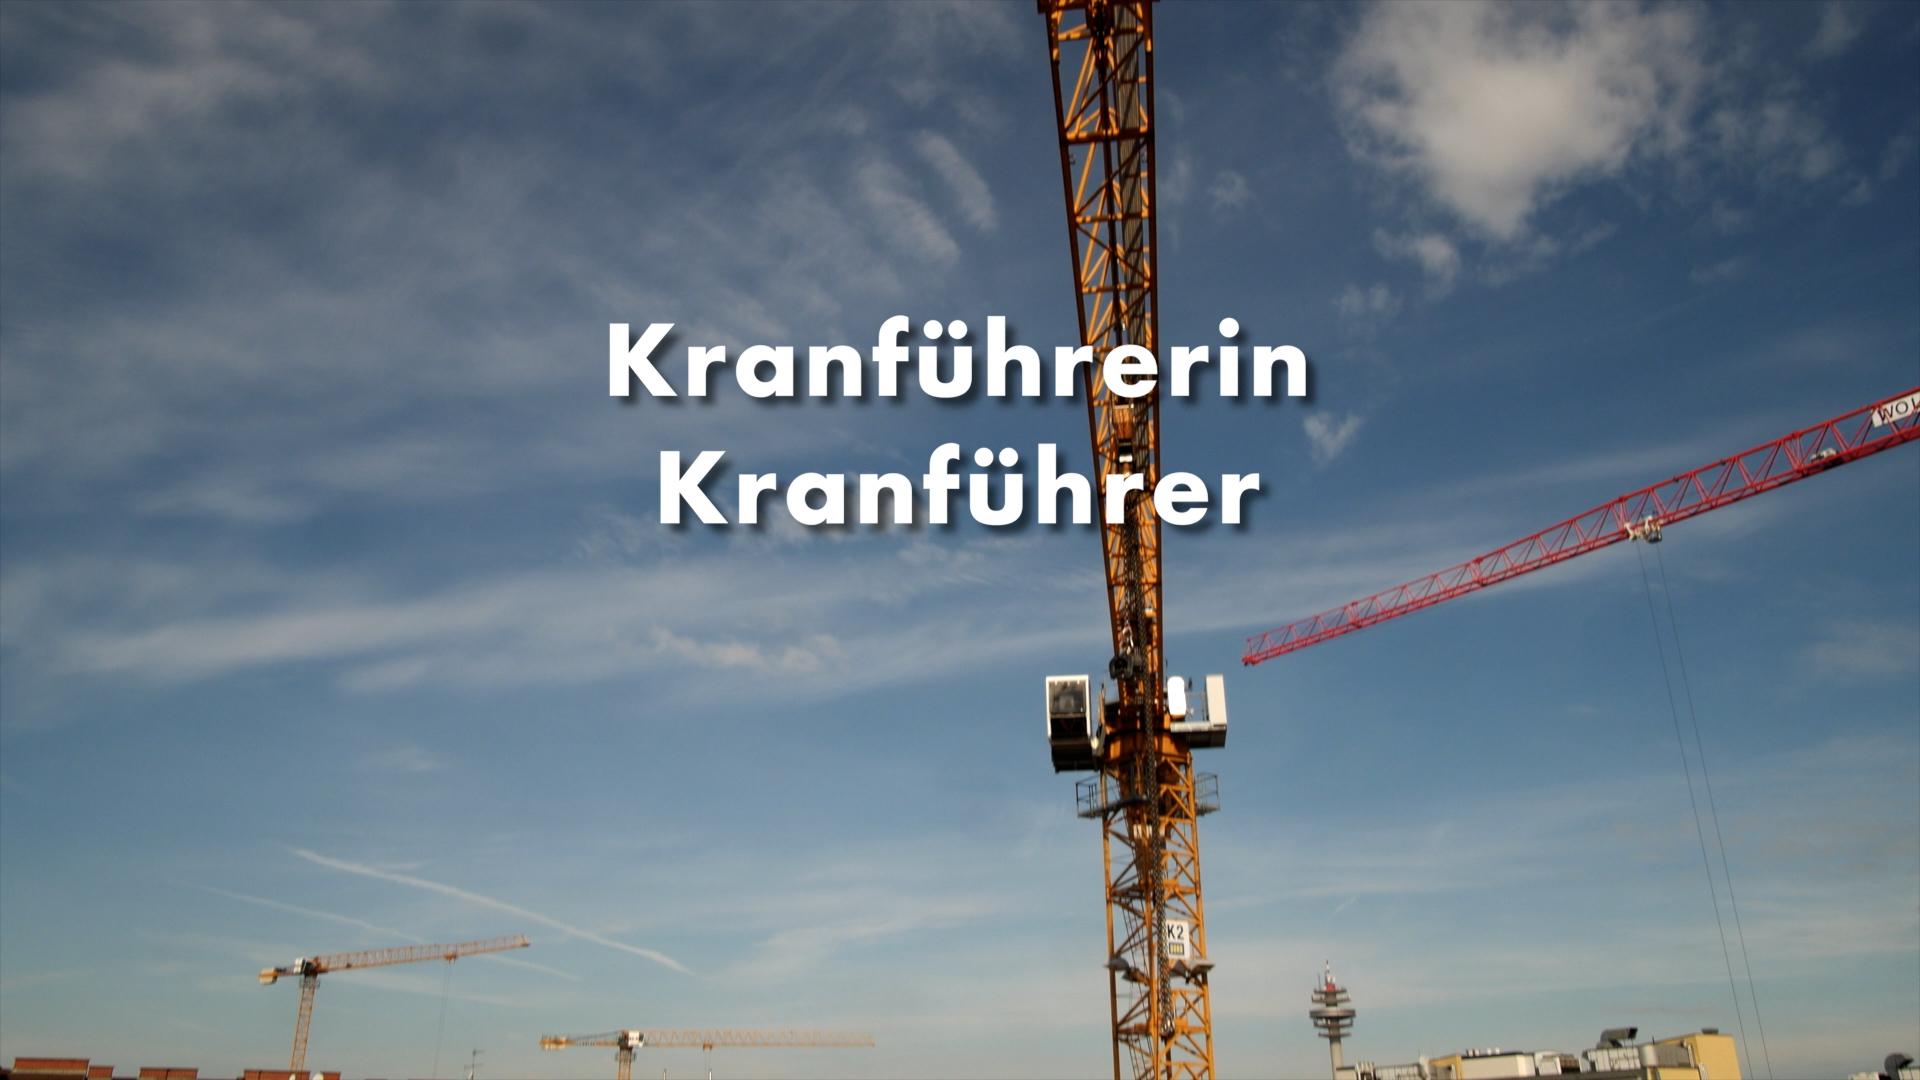 KranführerIn